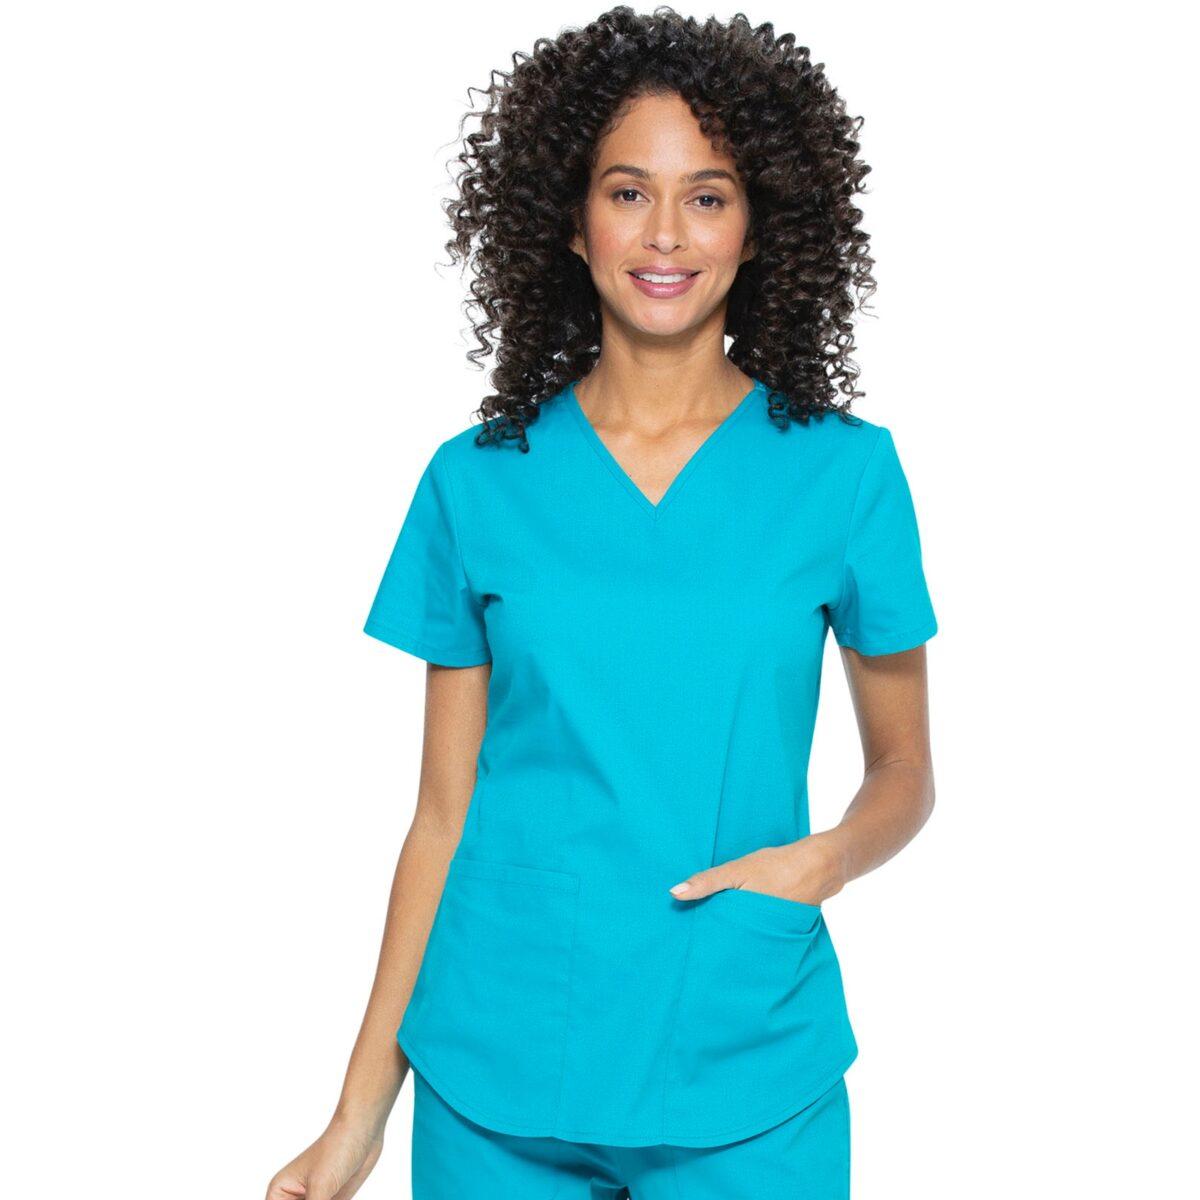 Женский медицинский костюм Vital от Cherokee цвет небесный